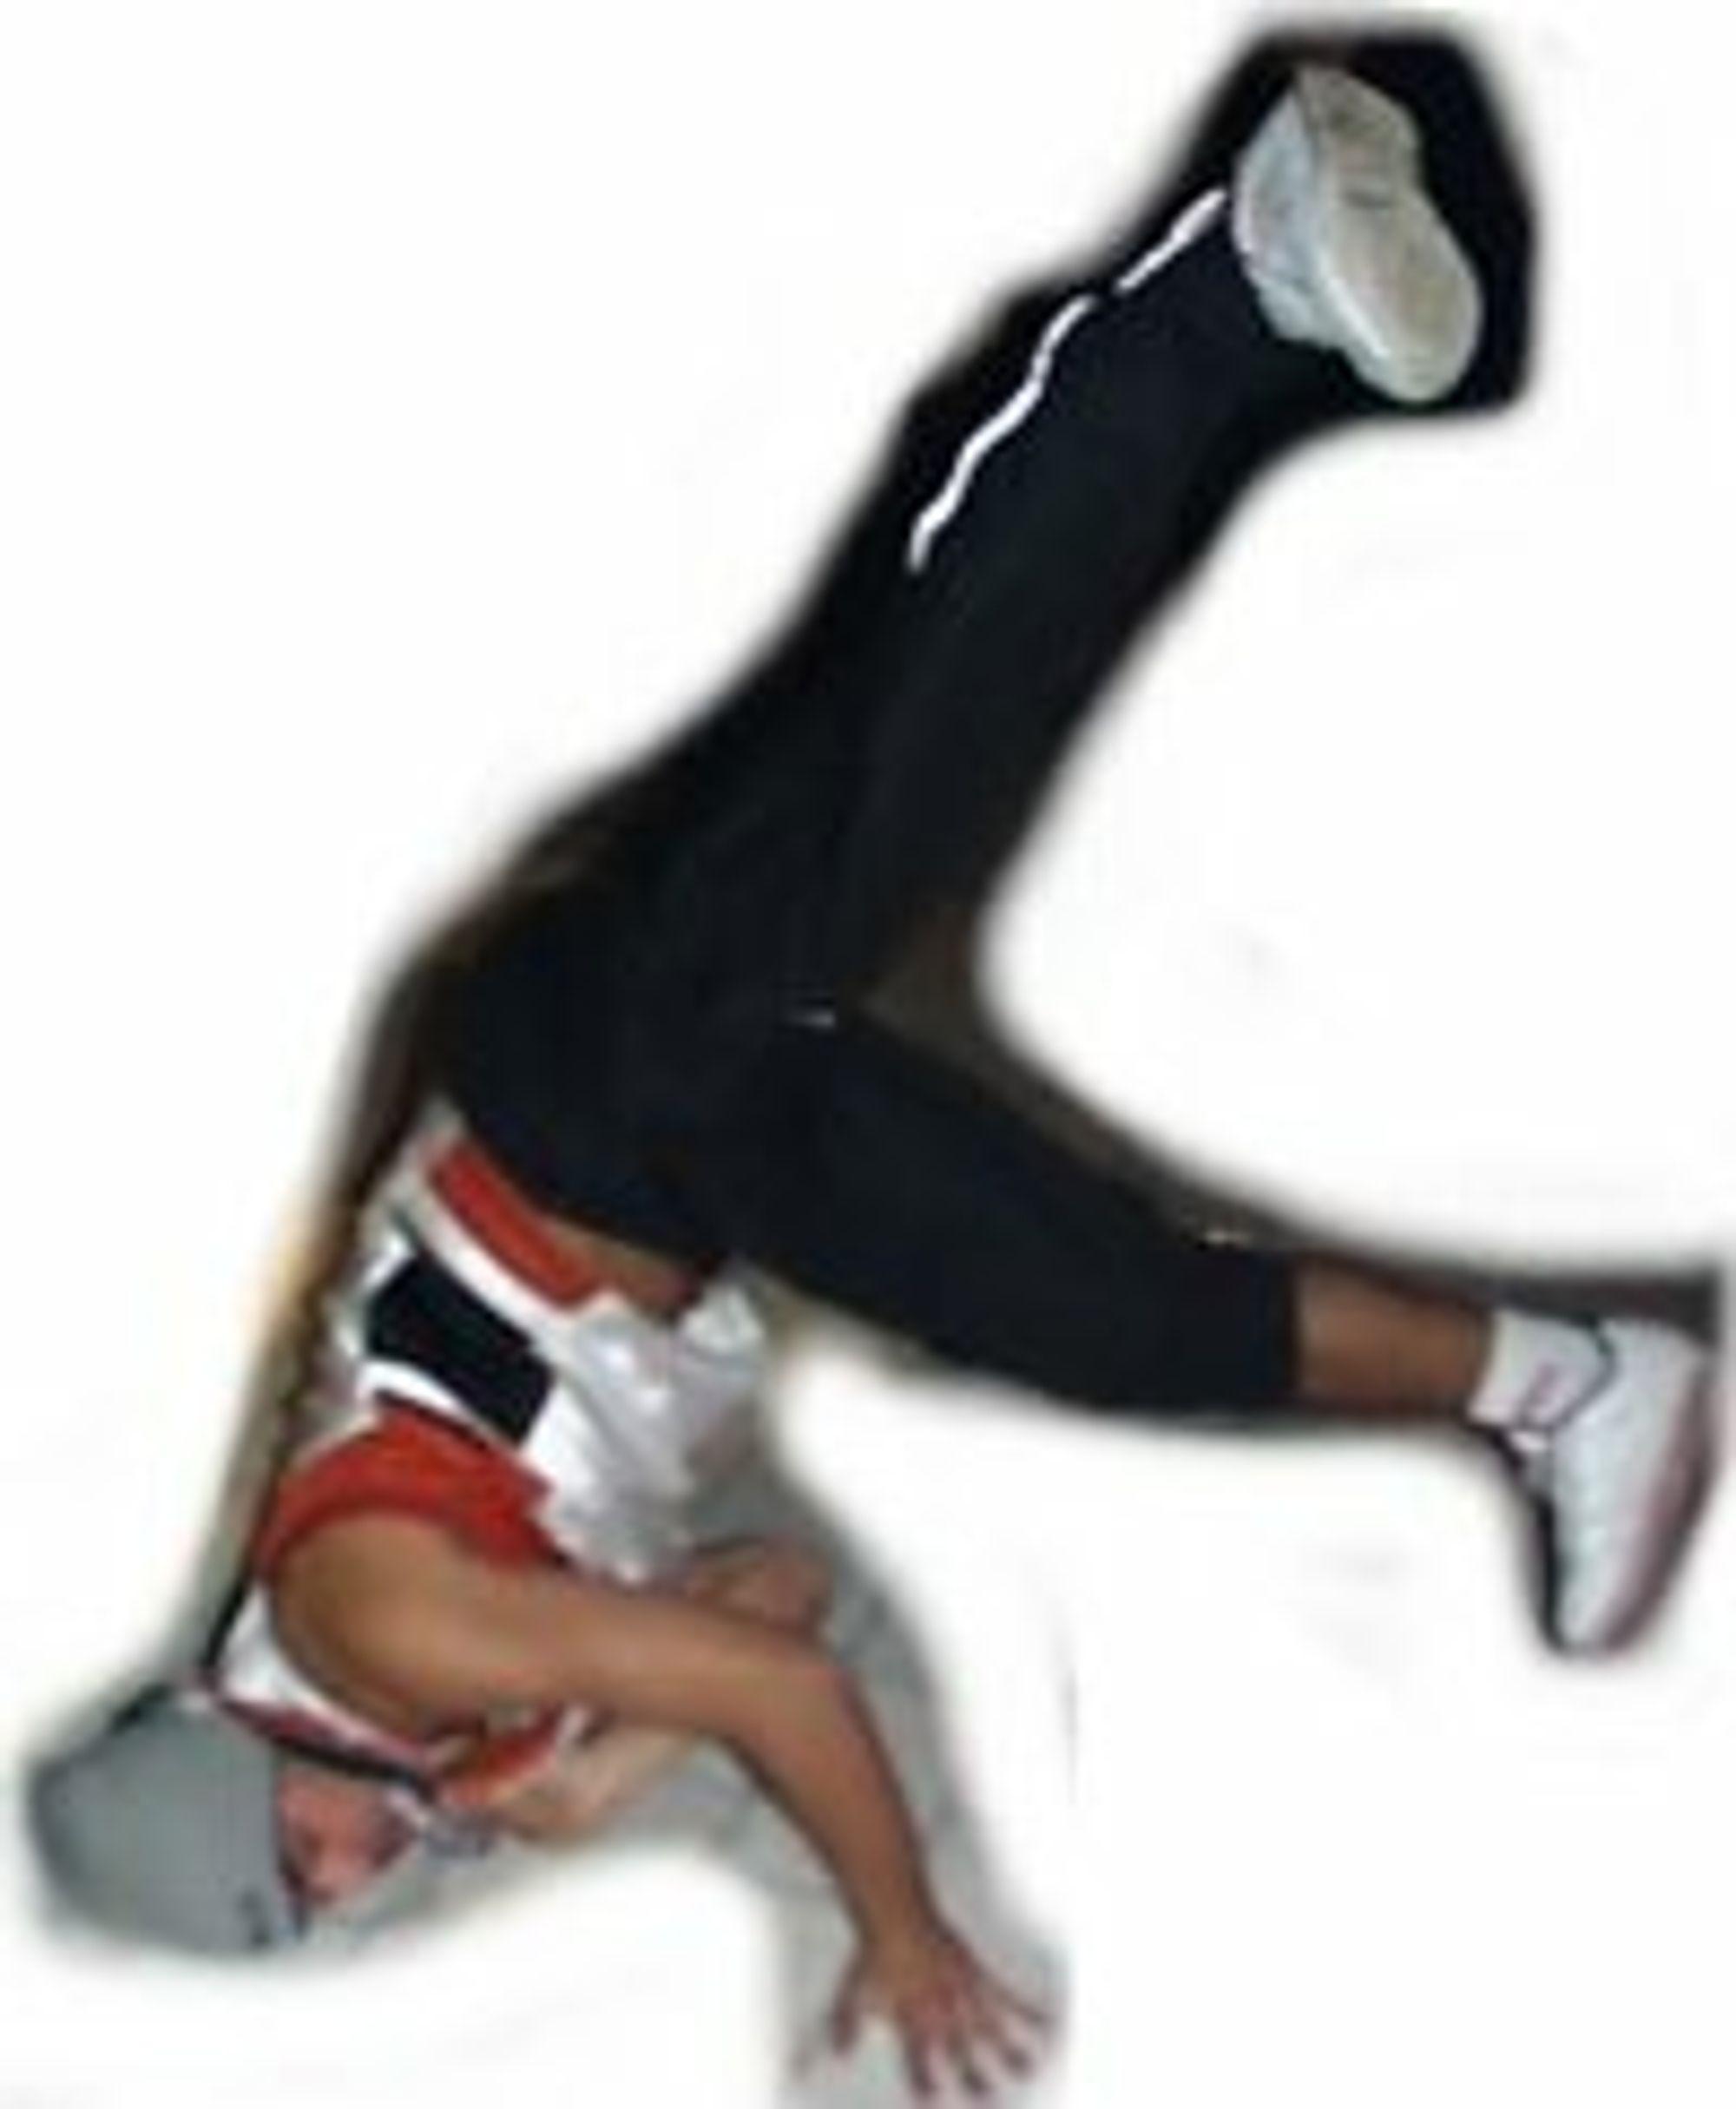 På hodet for internett 30 år. Breakdancer underholder.